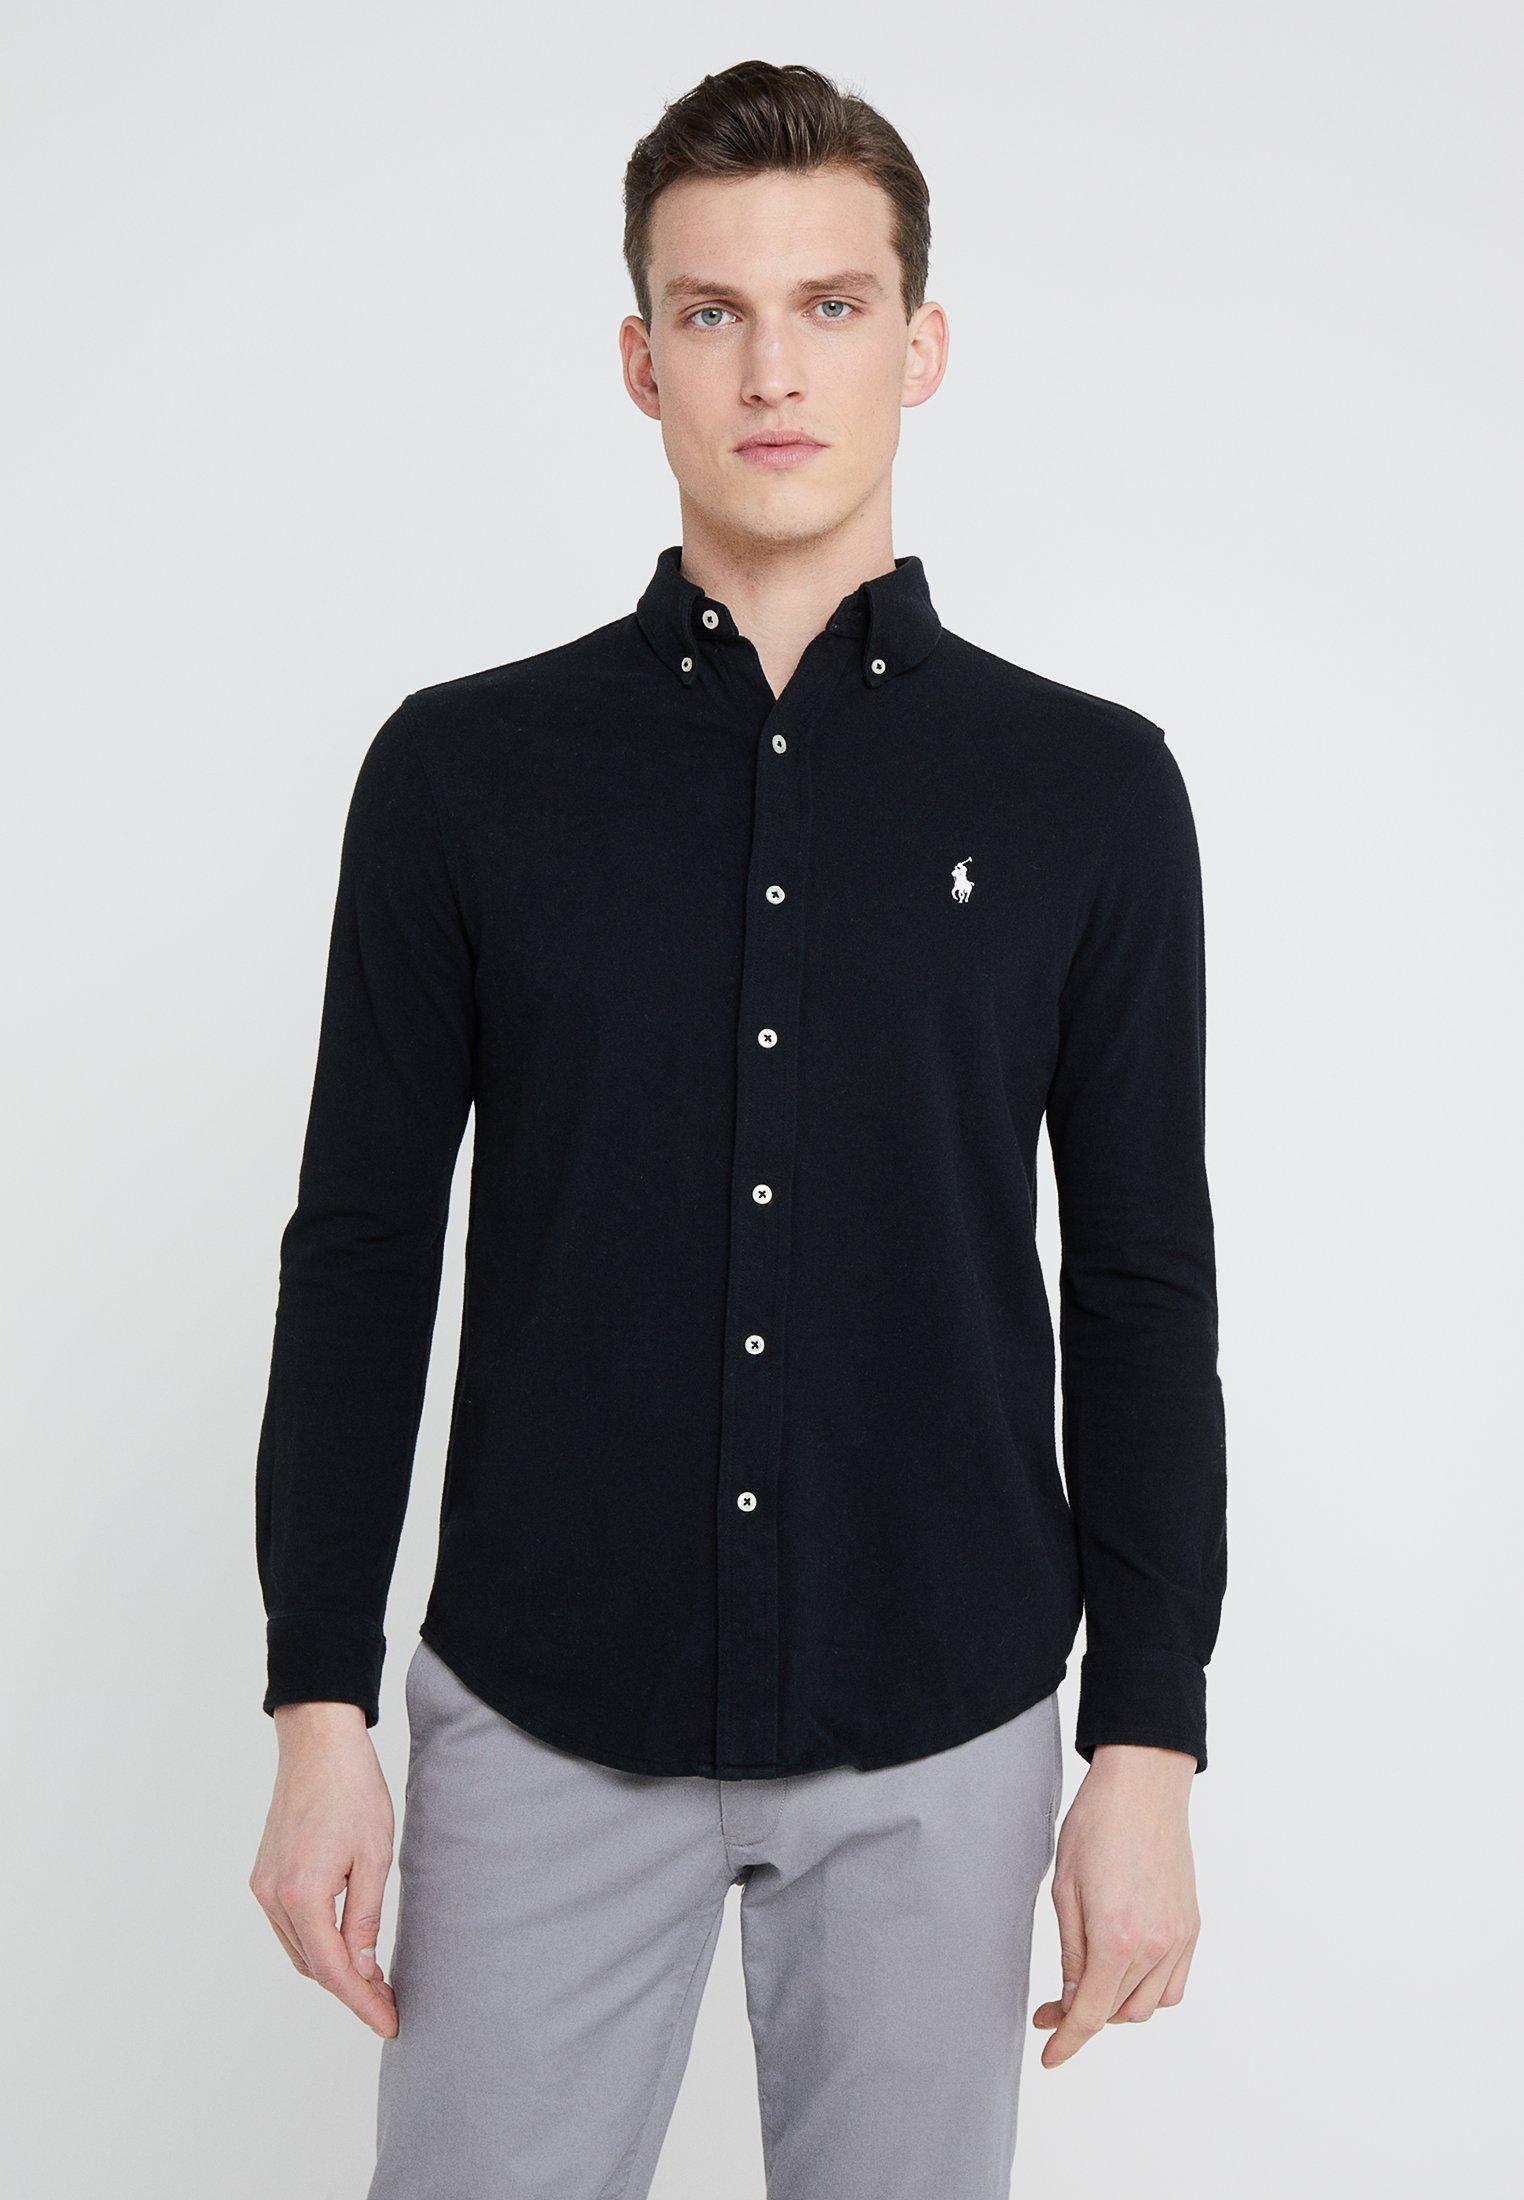 SleeveChemise Long Black Ralph Lauren Polo 5q3LjAR4c